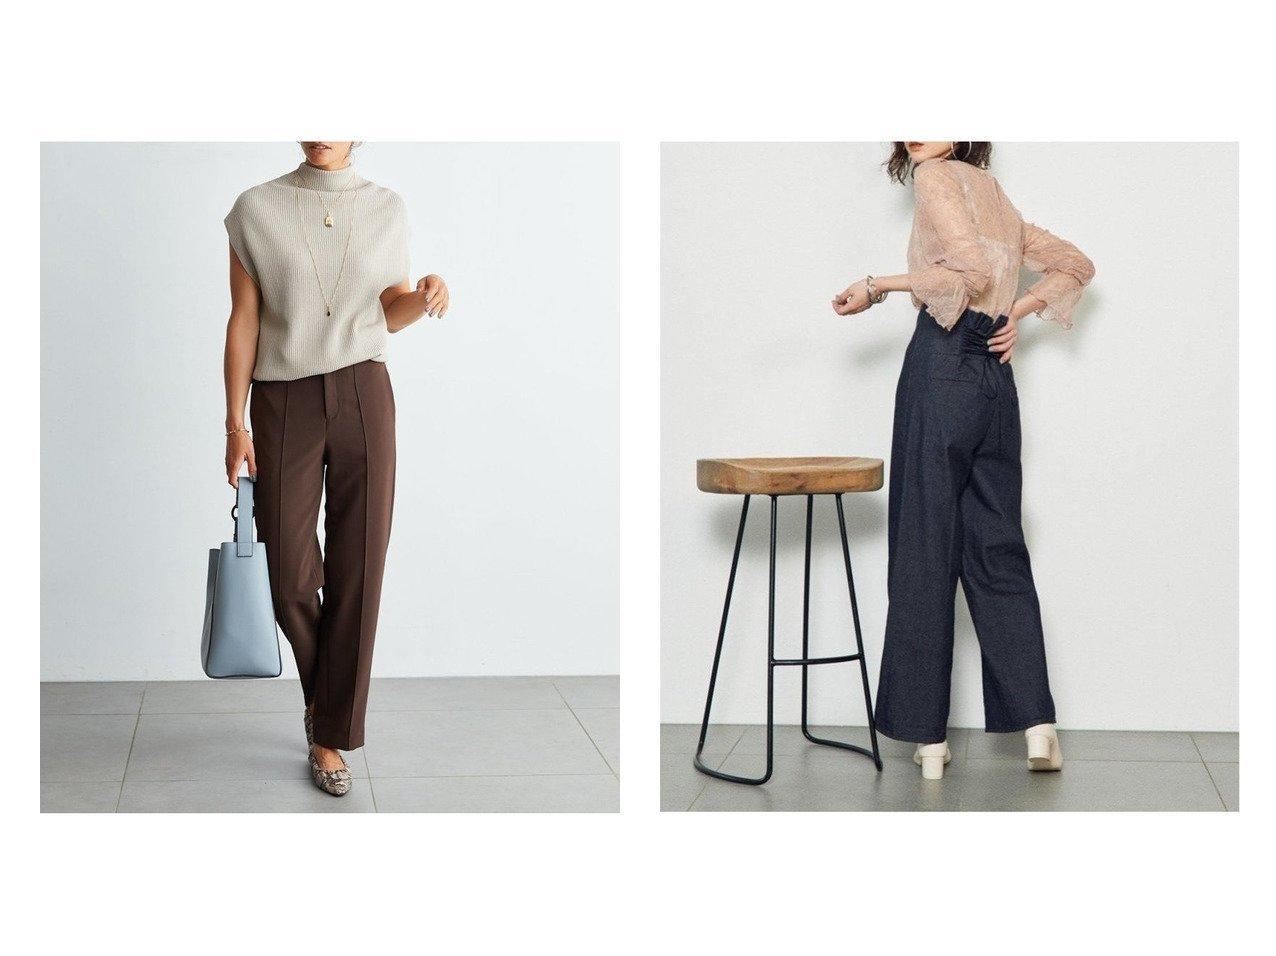 【Mila Owen/ミラオーウェン】のセンターコバゆるテーバードパンツ&【SNIDEL/スナイデル】のバックデザインデニム パンツおすすめ!人気、トレンド・レディースファッションの通販 おすすめで人気の流行・トレンド、ファッションの通販商品 メンズファッション・キッズファッション・インテリア・家具・レディースファッション・服の通販 founy(ファニー) https://founy.com/ ファッション Fashion レディースファッション WOMEN パンツ Pants バッグ Bag シンプル ロング インディゴ ジーンズ センター デニム フレア リボン レース ワイド 人気 定番 Standard 秋 Autumn/Fall |ID:crp329100000011324